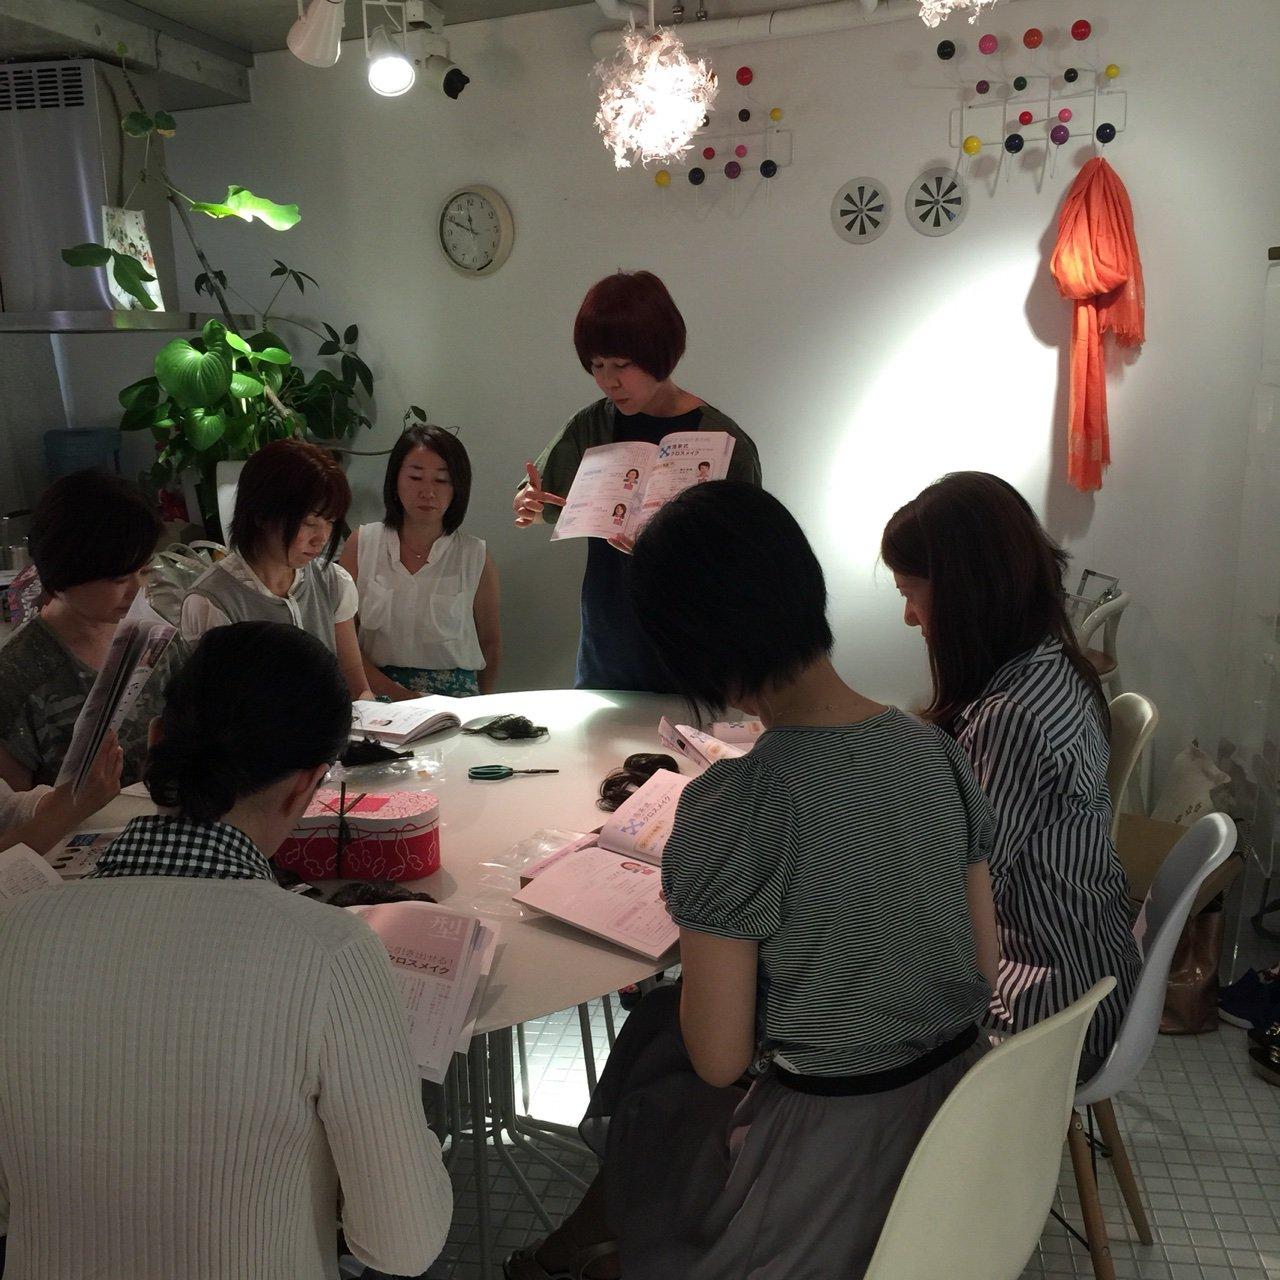 山本浩未さんの著書「同窓会で二番にキレイになるには\u2026」に沿って、